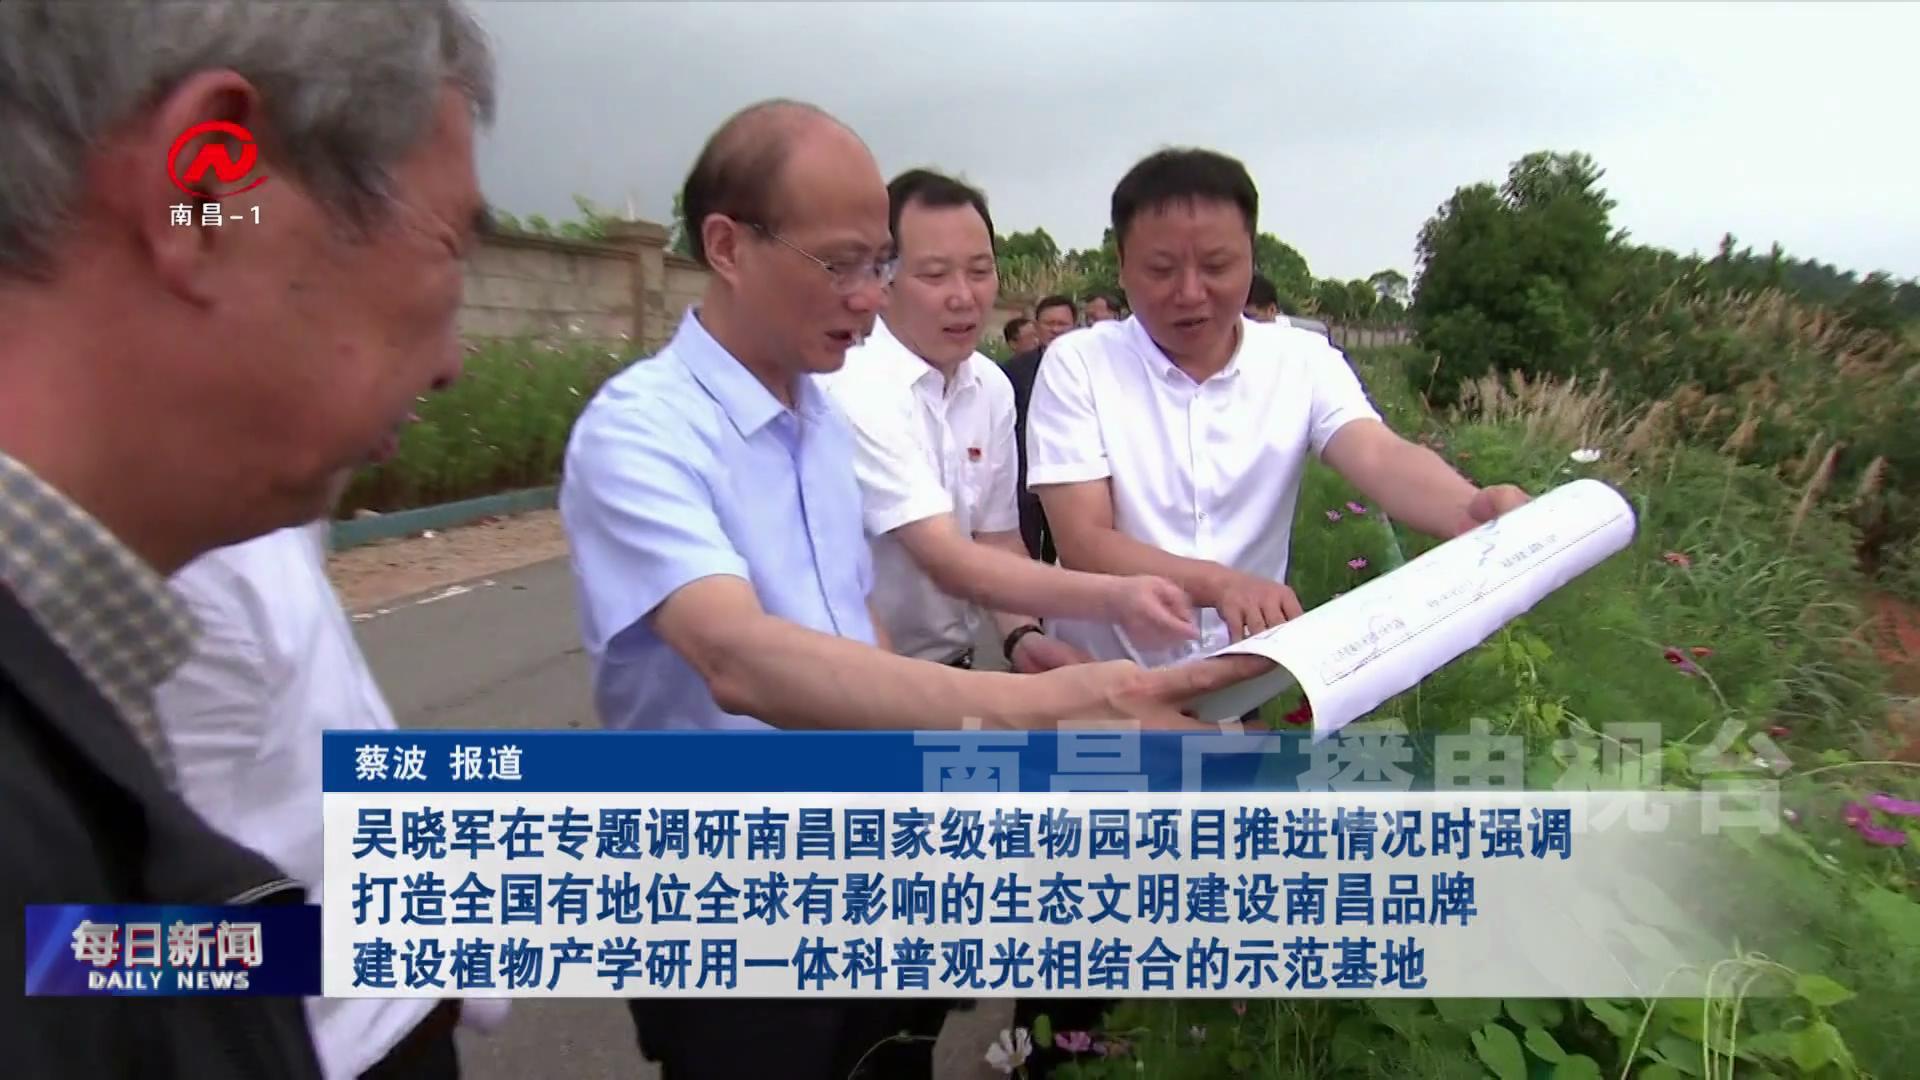 吴晓军在专题调研南昌国家级植物园项目推进情况时强调 打造全国有地位全球有影响的生态文明建设南昌品牌 建设植物产学研用一体科普观光相结合的示范基地